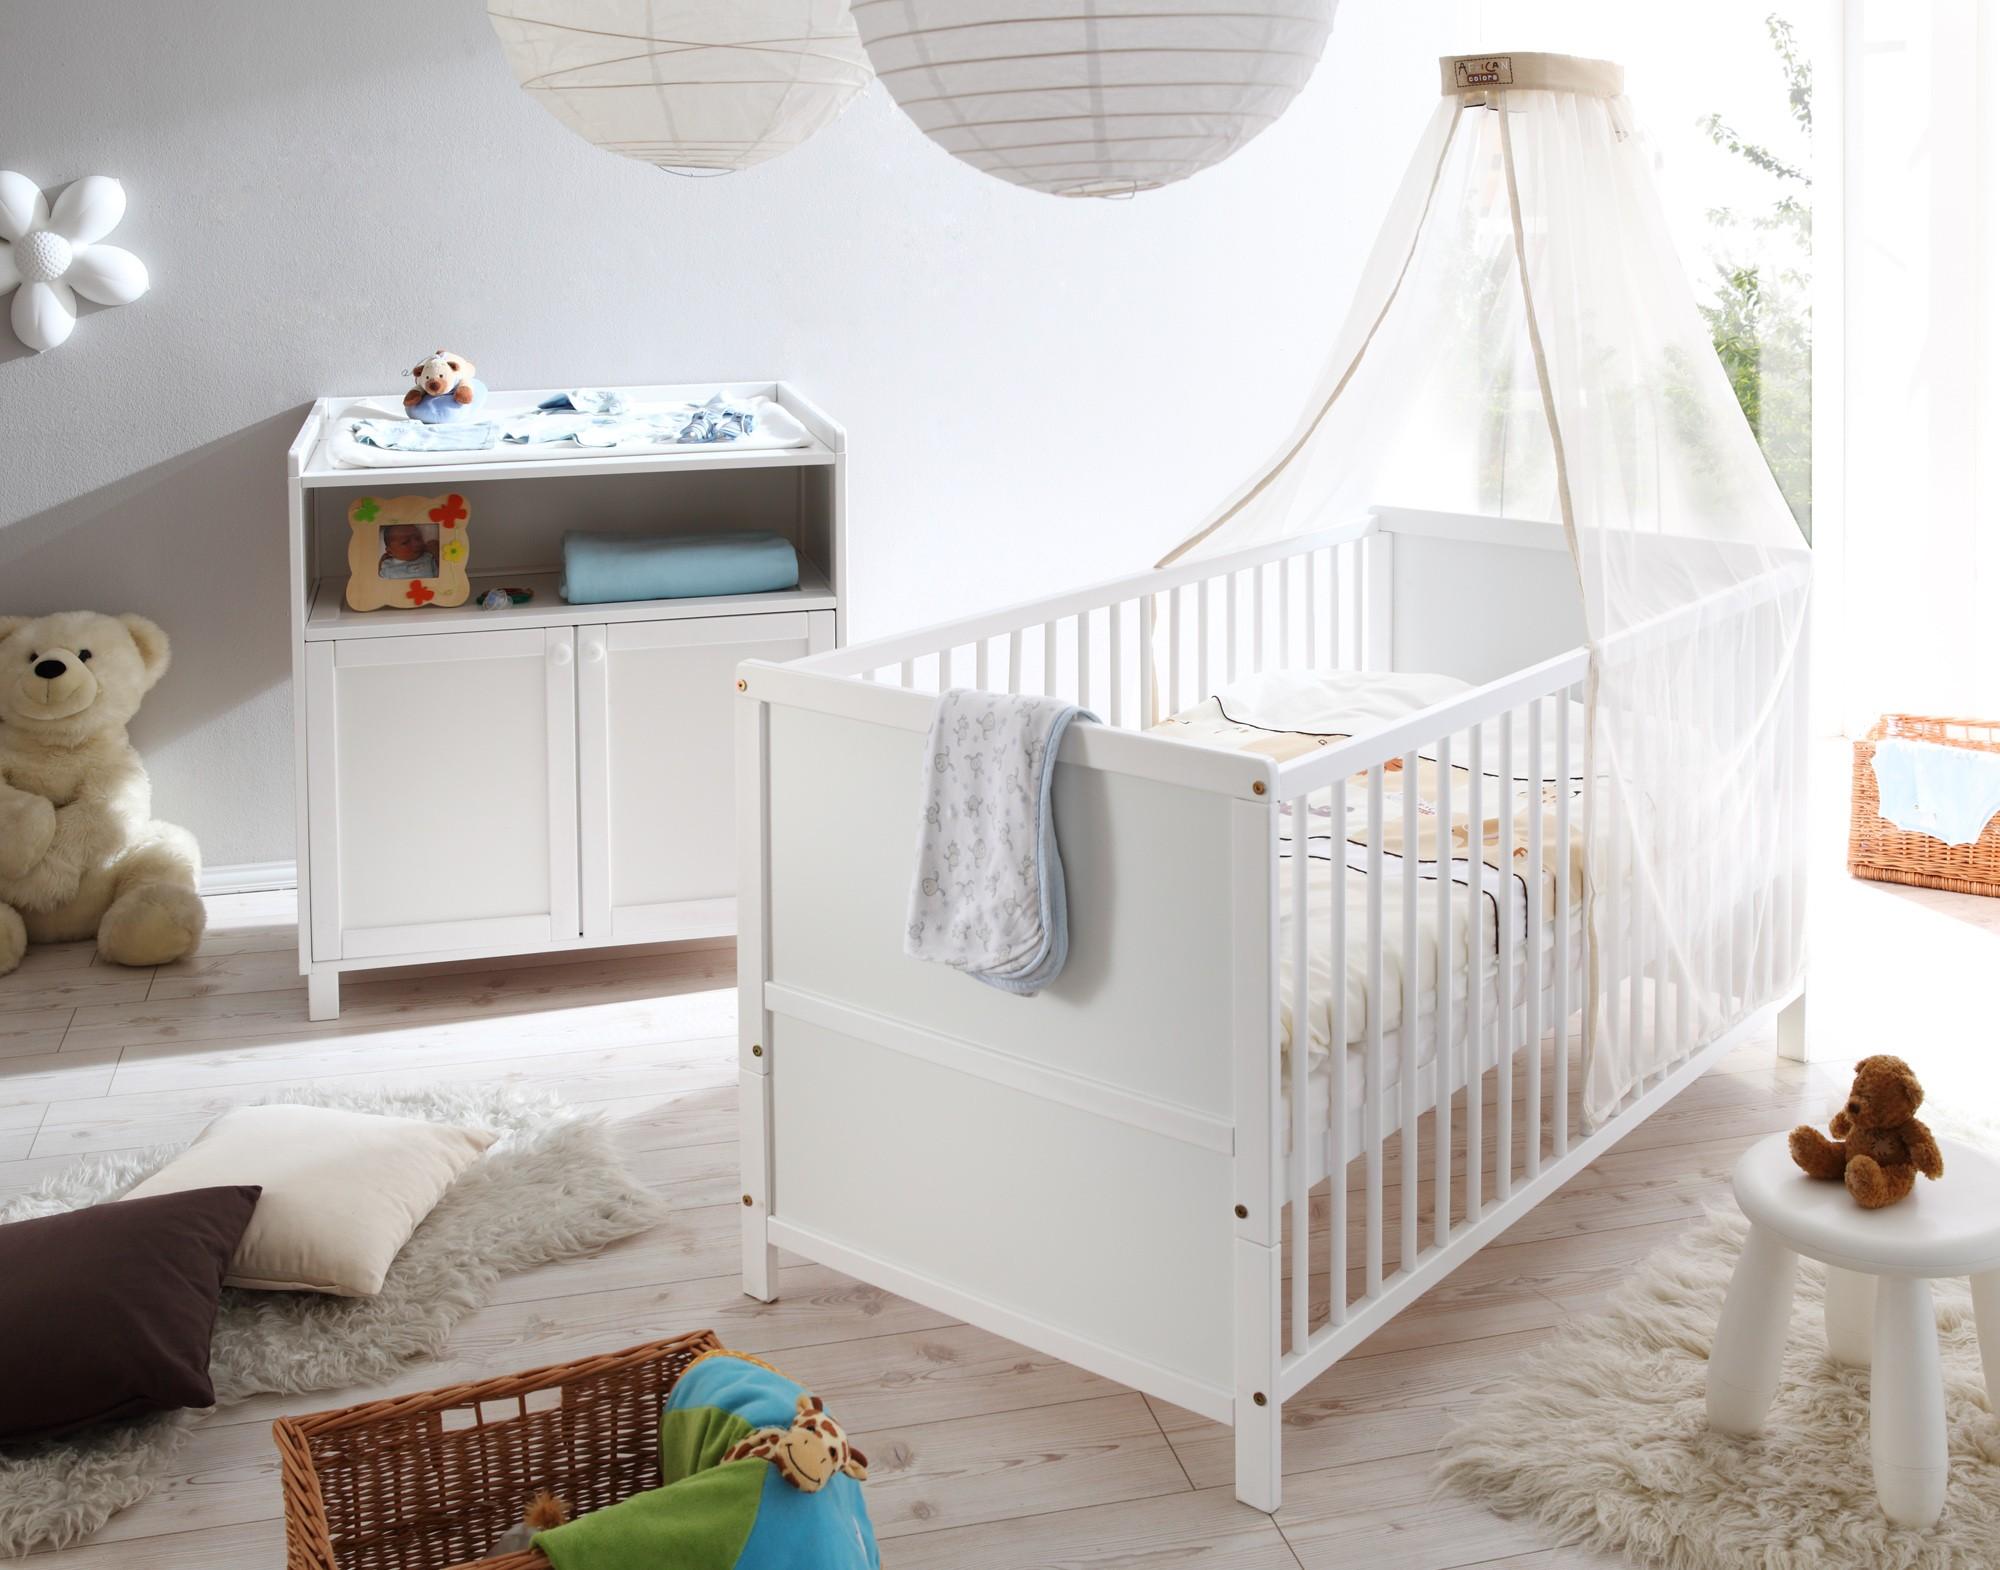 Babyzimmer 2 Teilig : babyzimmer 2 teilig kiefer weiss h c m bel ~ Frokenaadalensverden.com Haus und Dekorationen